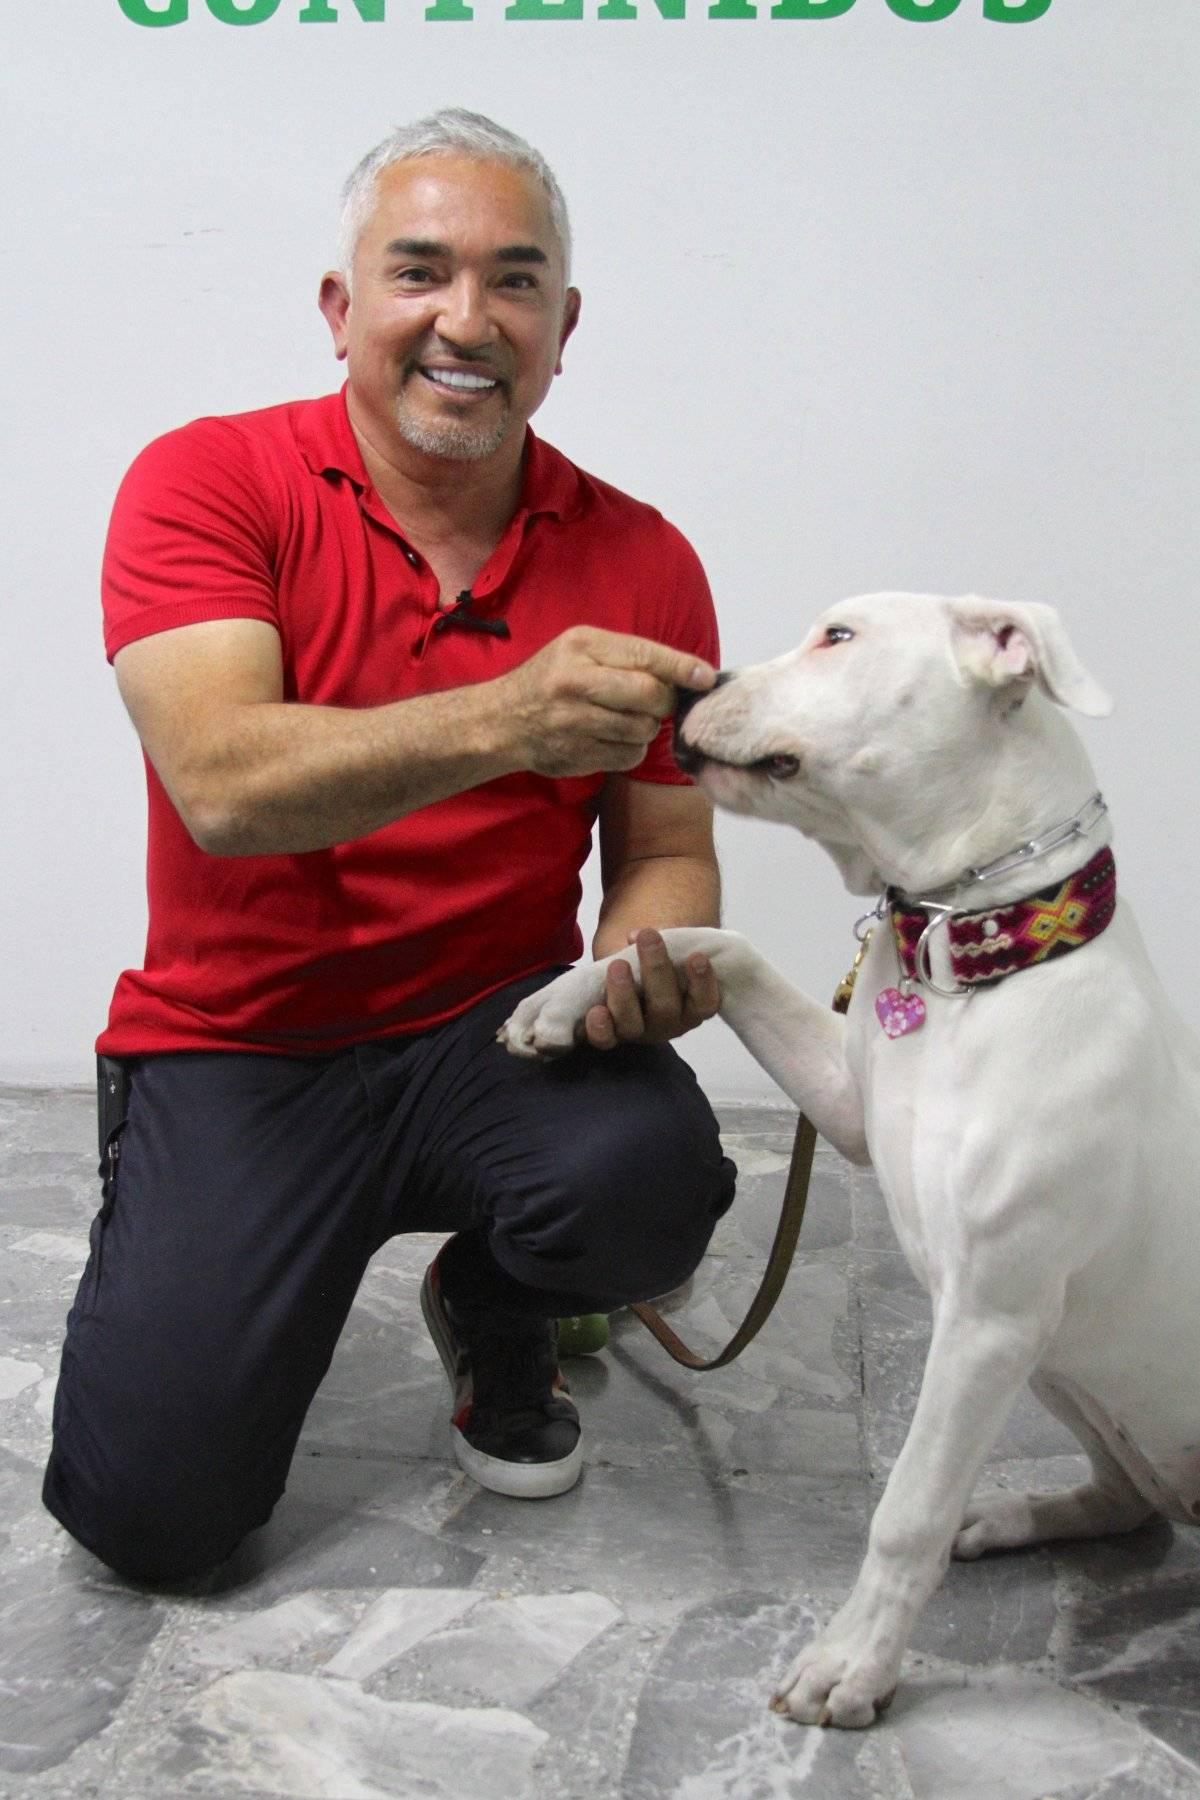 César Millán mencionó que lo más importante para integrar a un perro en tu hogar es poner límites con el fin de que entienda en qué lugares debe estar dentro de la casa. Foto: Axel Amézquita